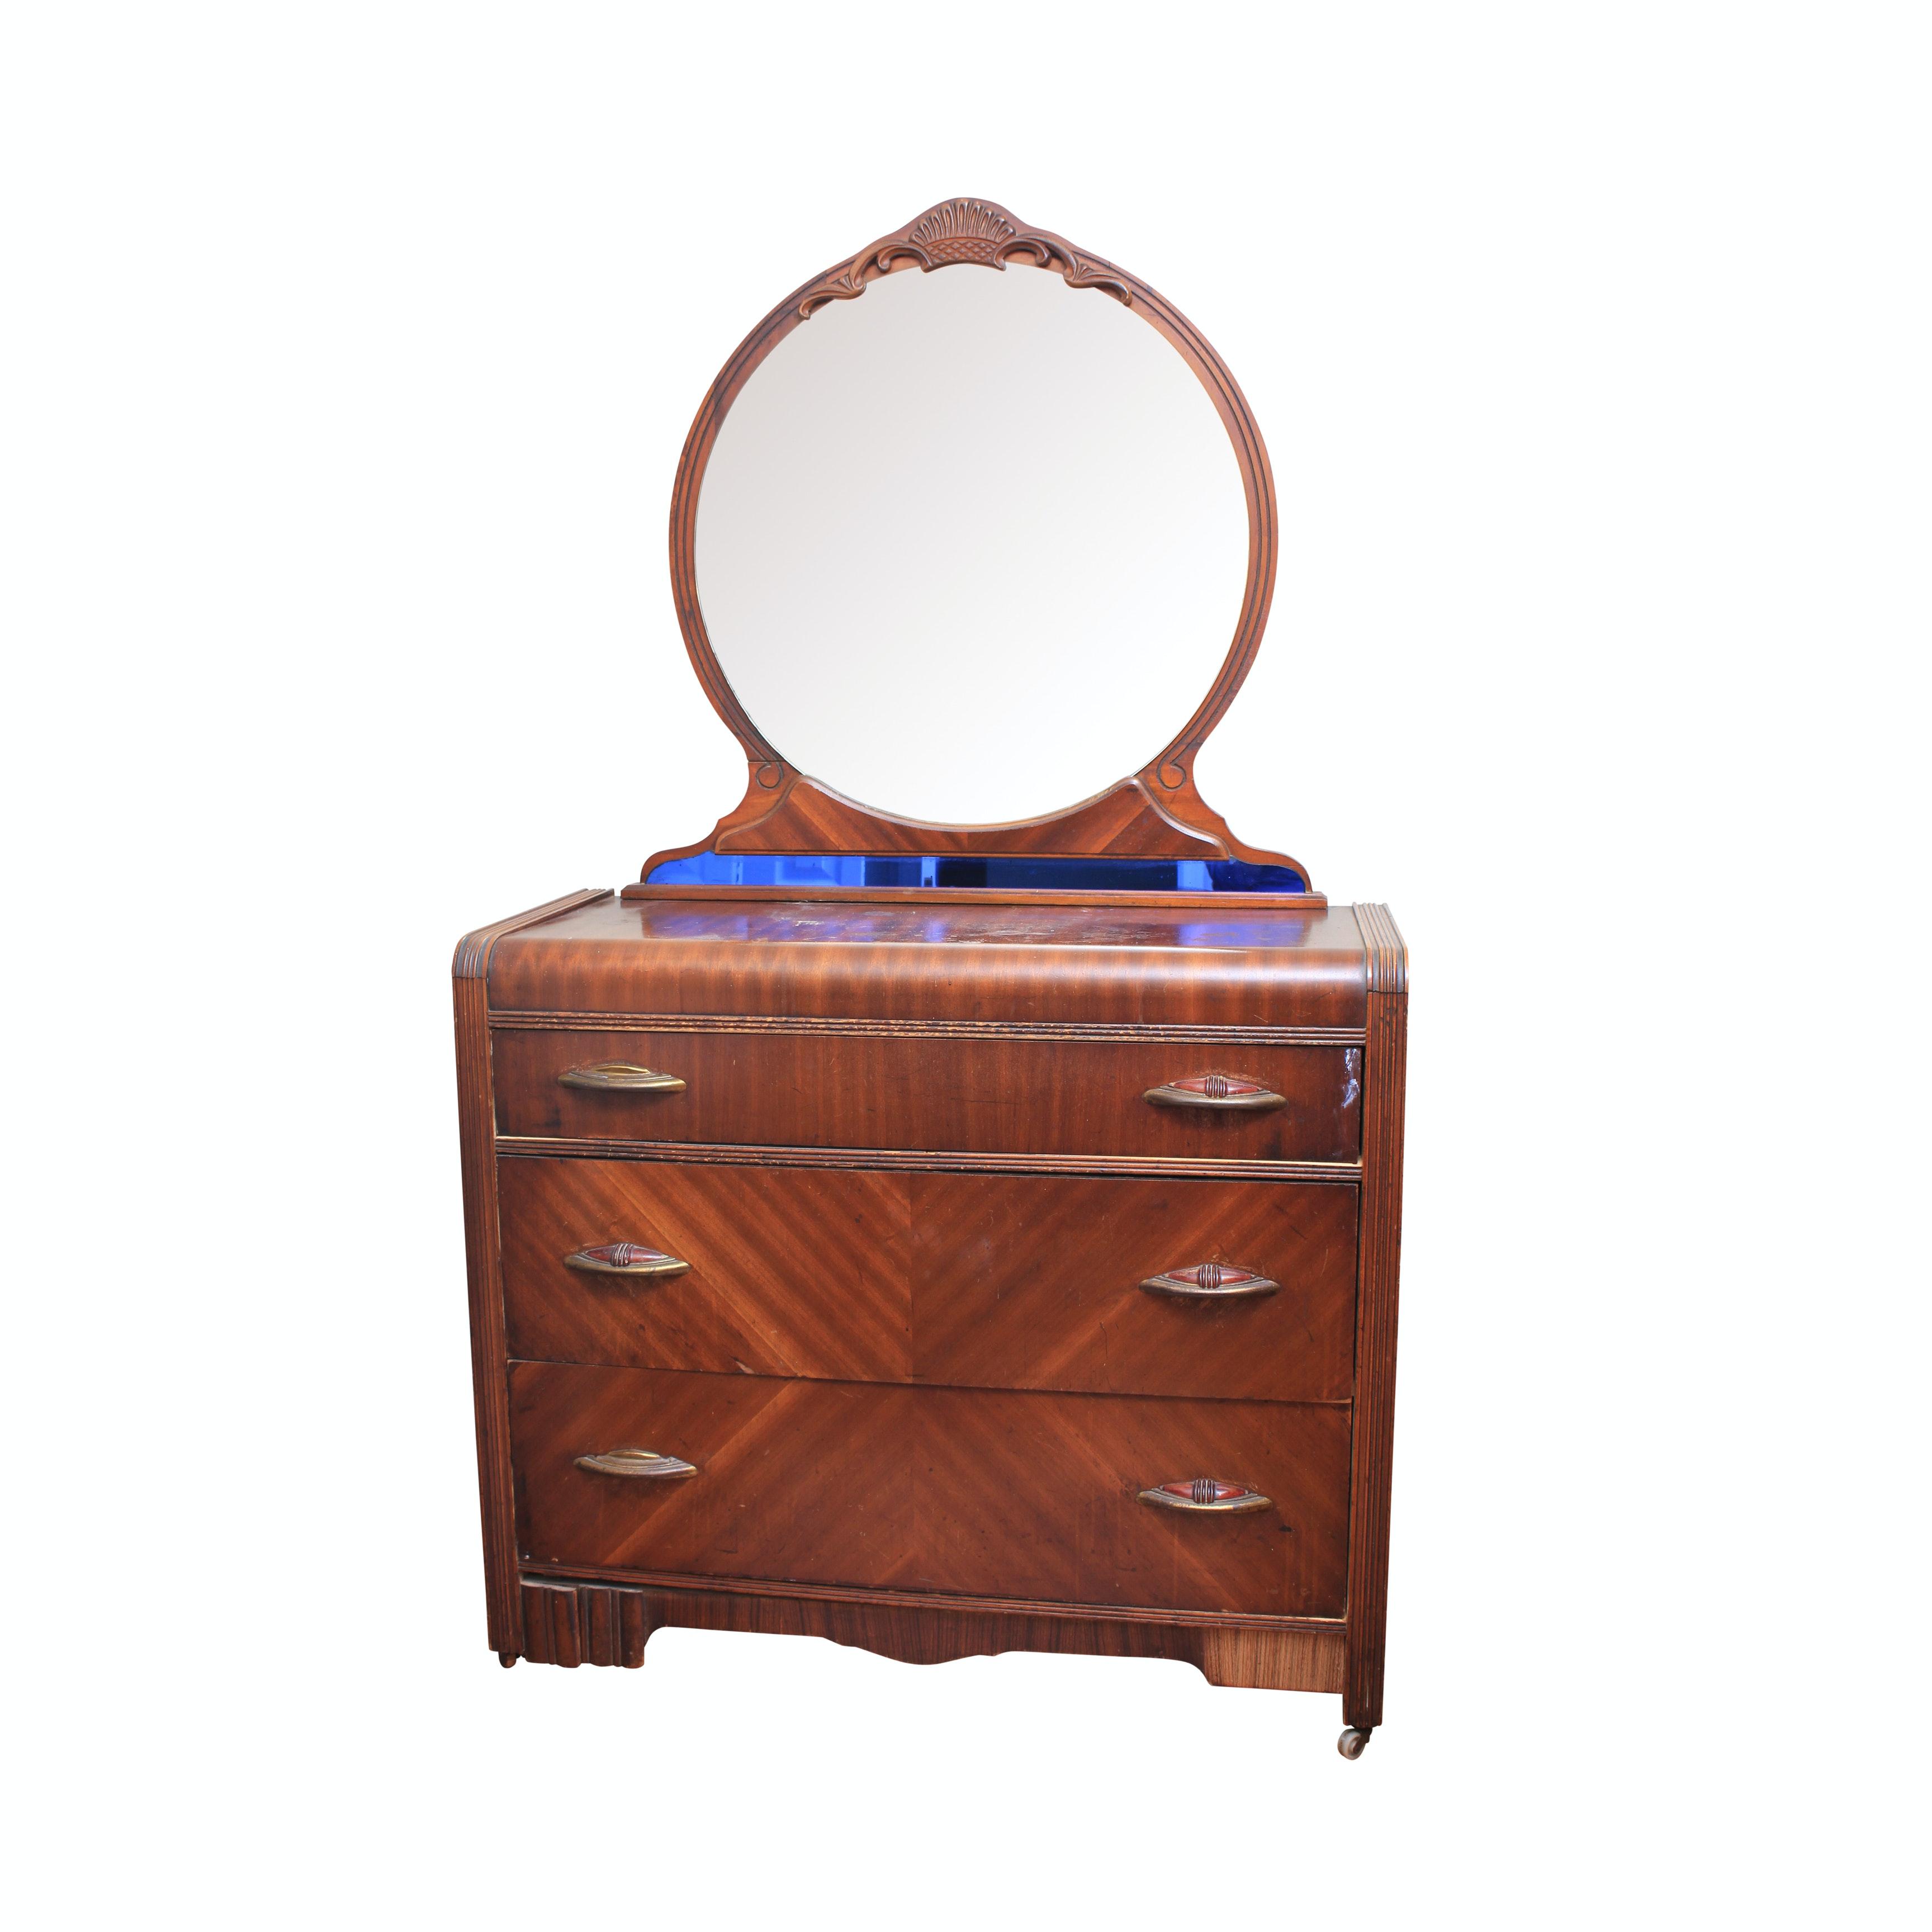 Vintage Art Deco Dresser with Mirror